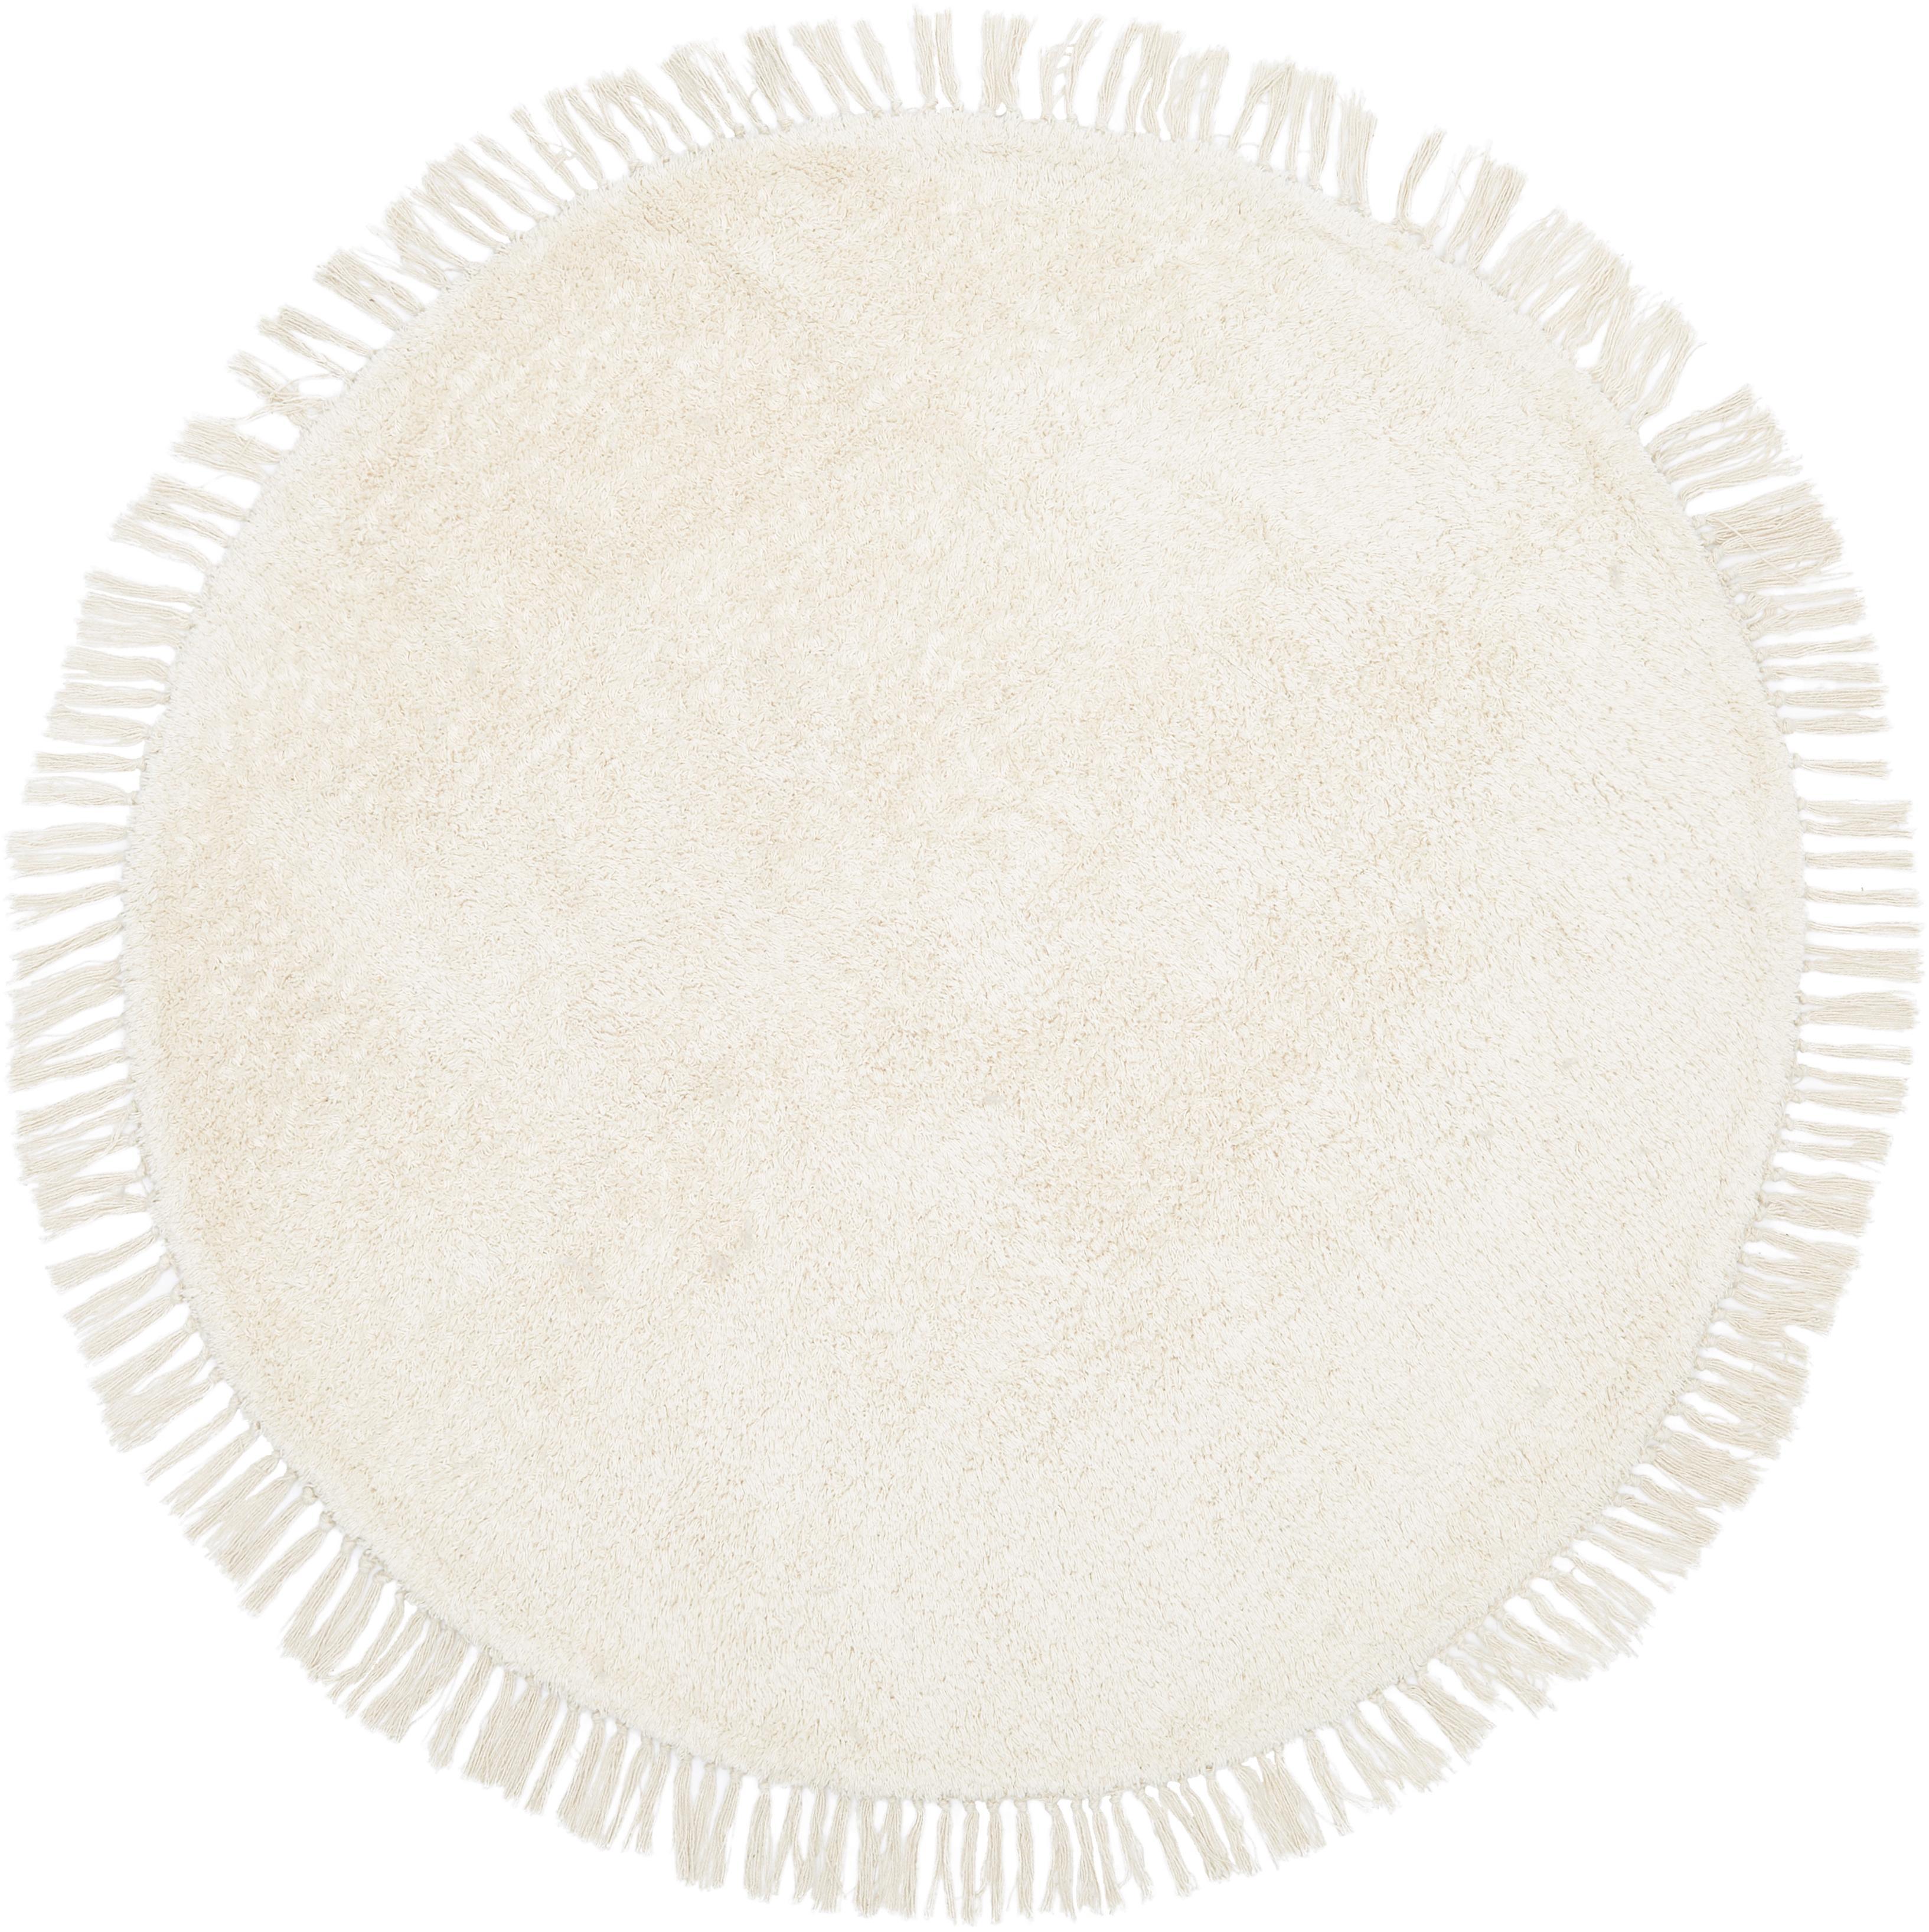 Alfombra redonda artesanal de algodón Daya, Beige, Ø 110 cm (Tamaño S)